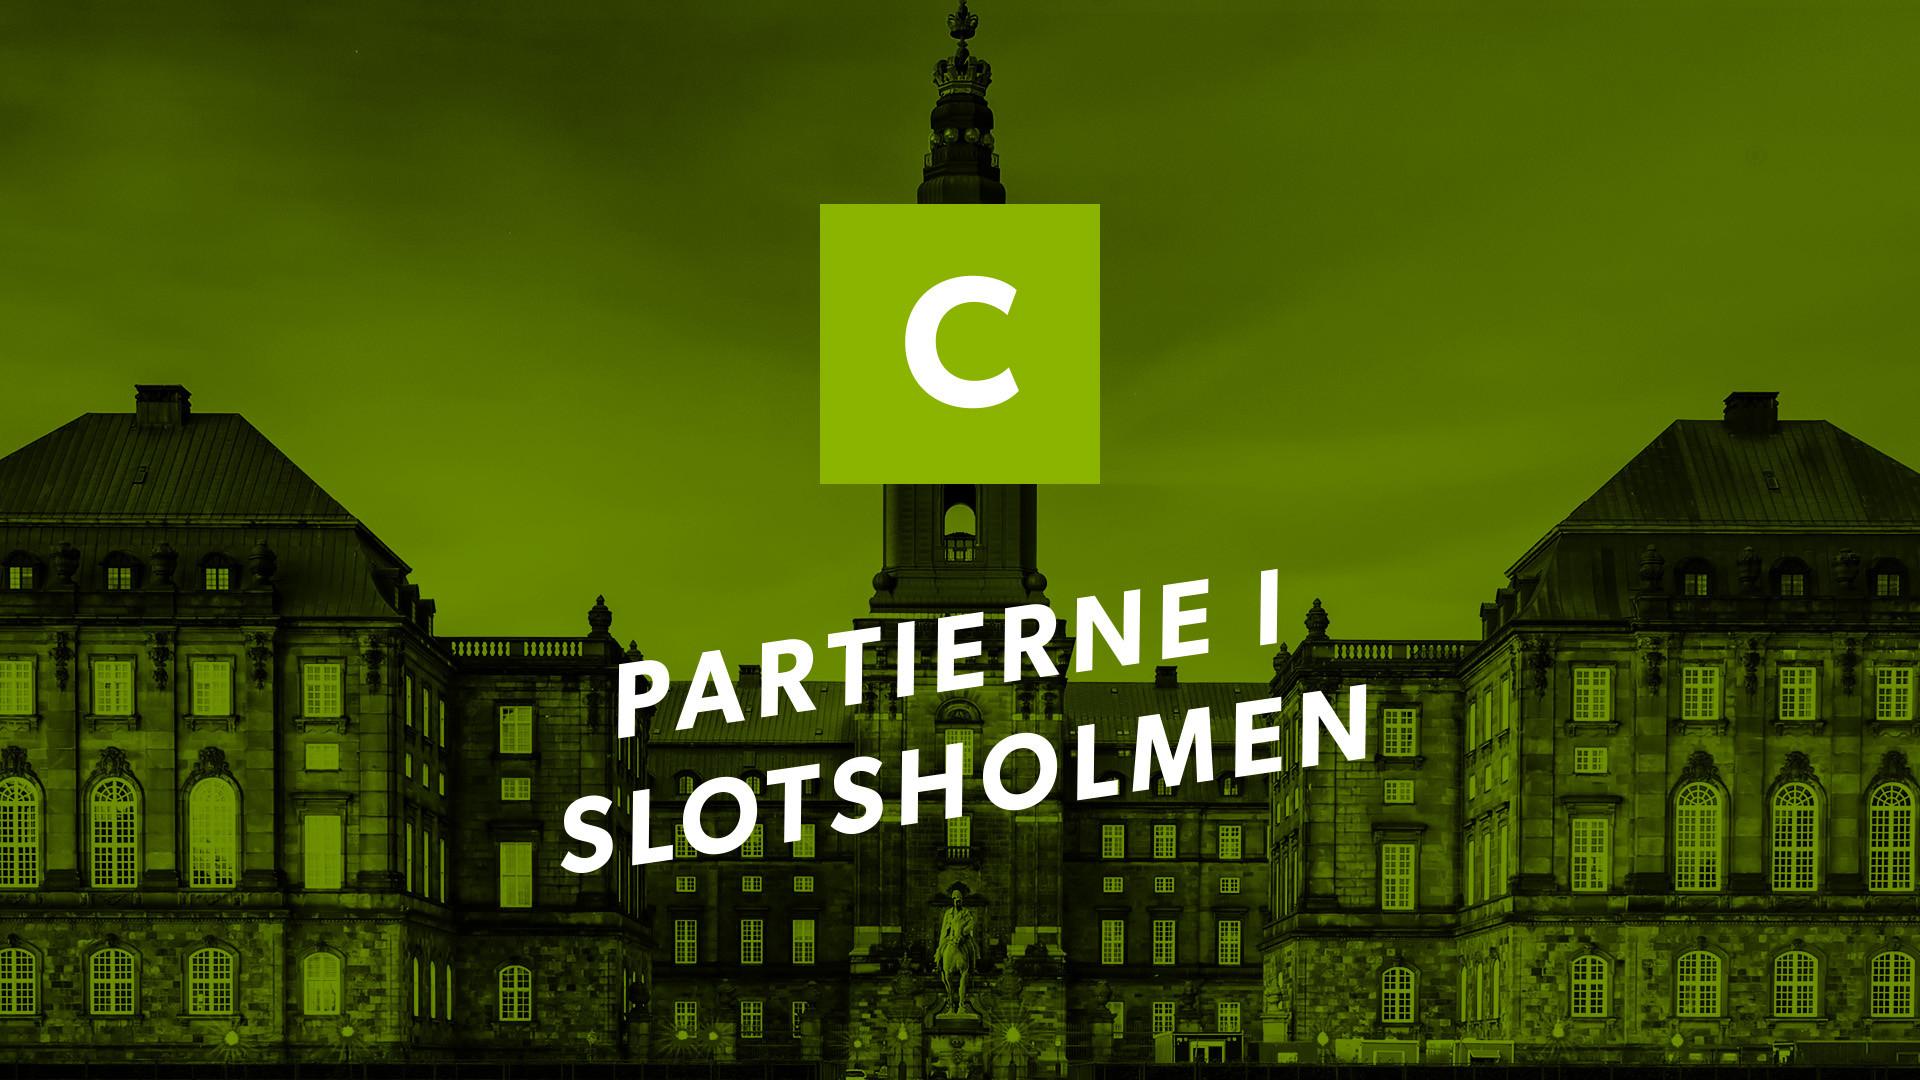 slotsholmen-konservative.jpg